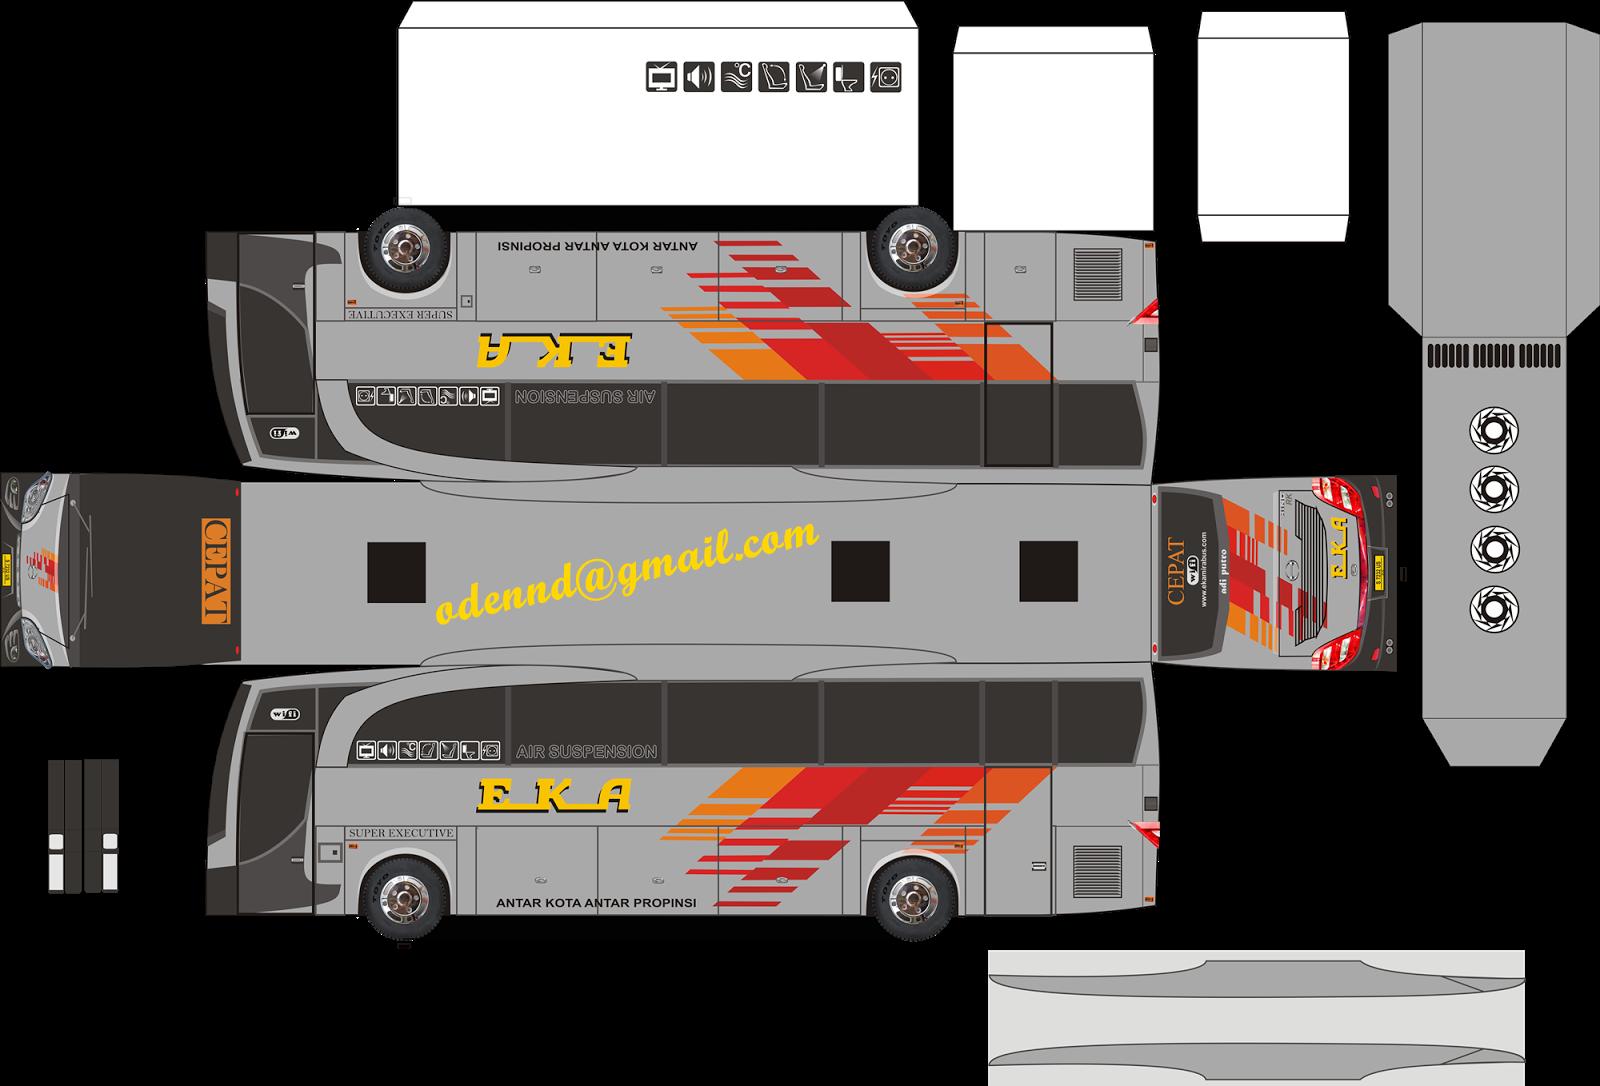 Papercraft Bus Rumahbis